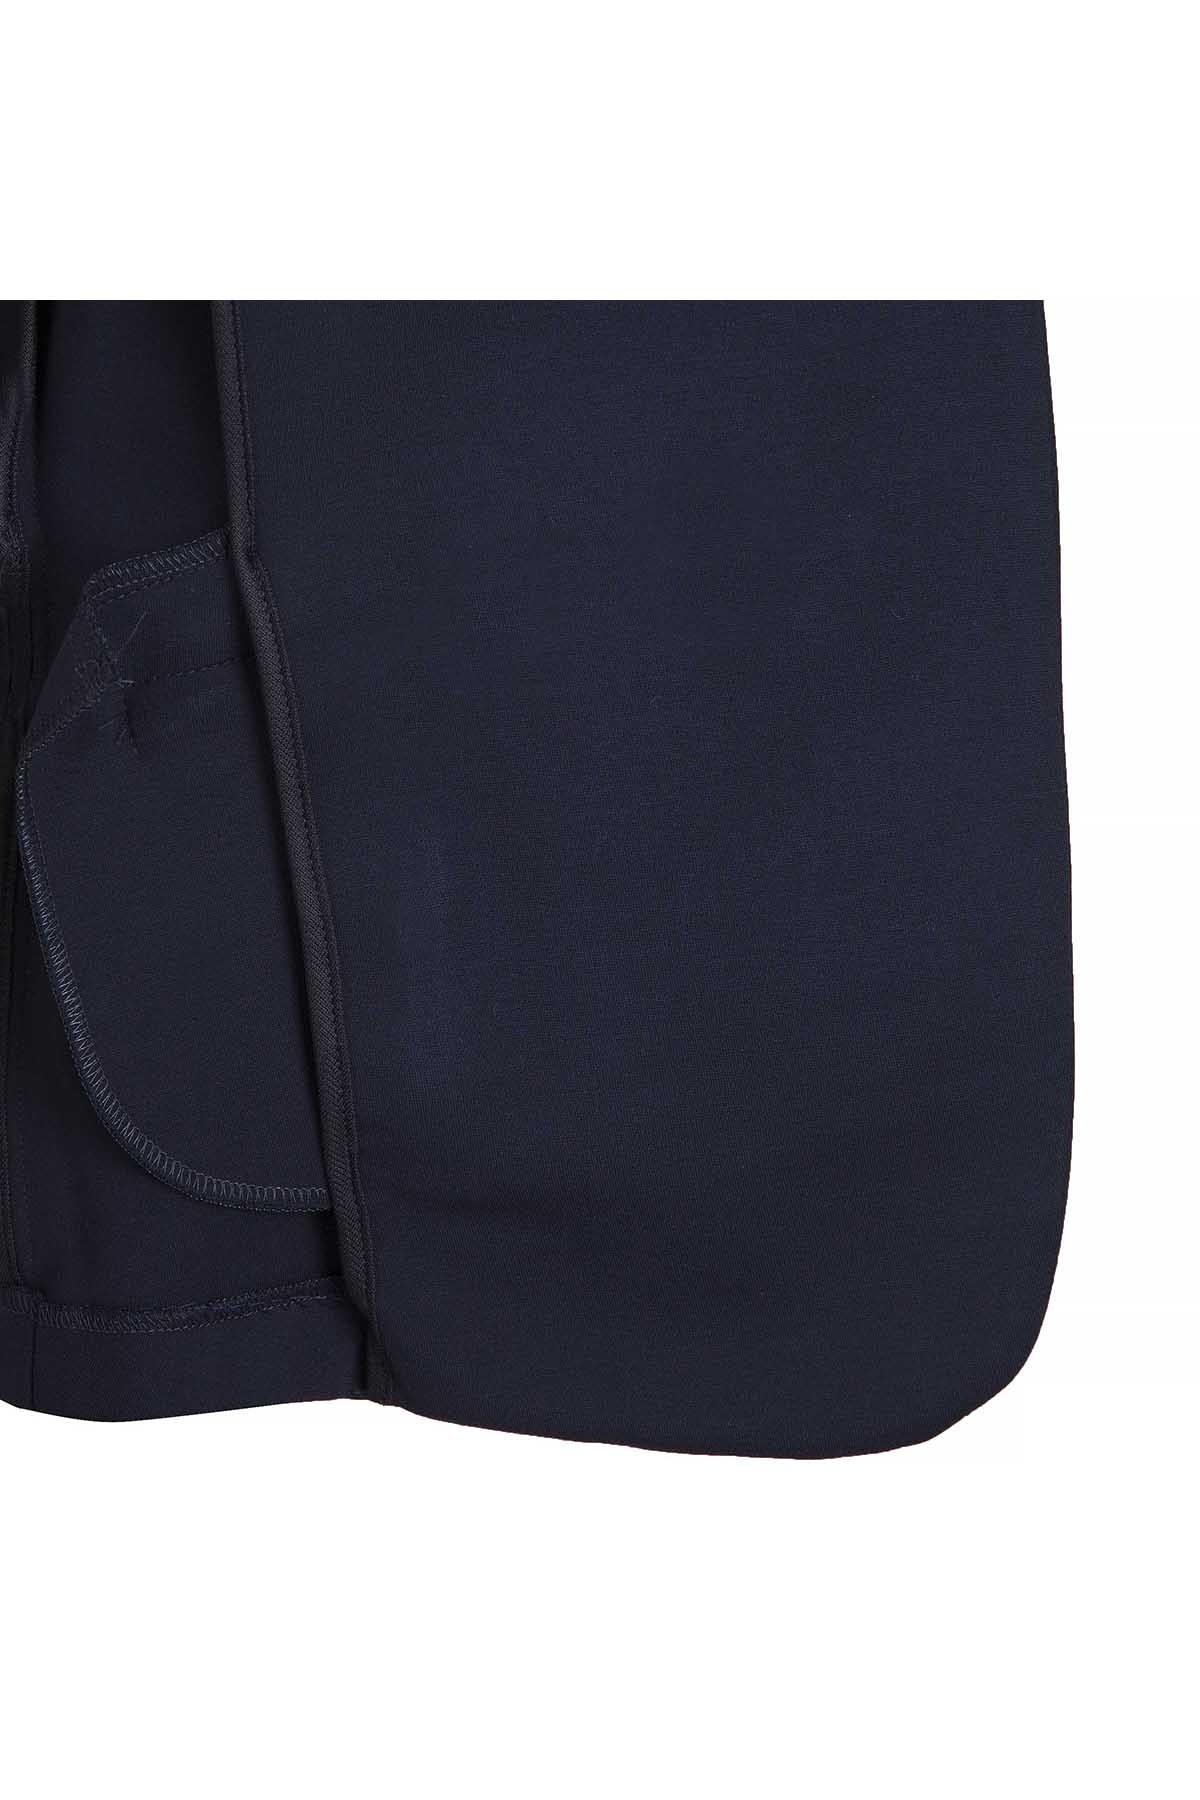 ARMANI EXCHANGE Kadın Ceket 3ZYG75 YJK9Z 1510 LACİVERT